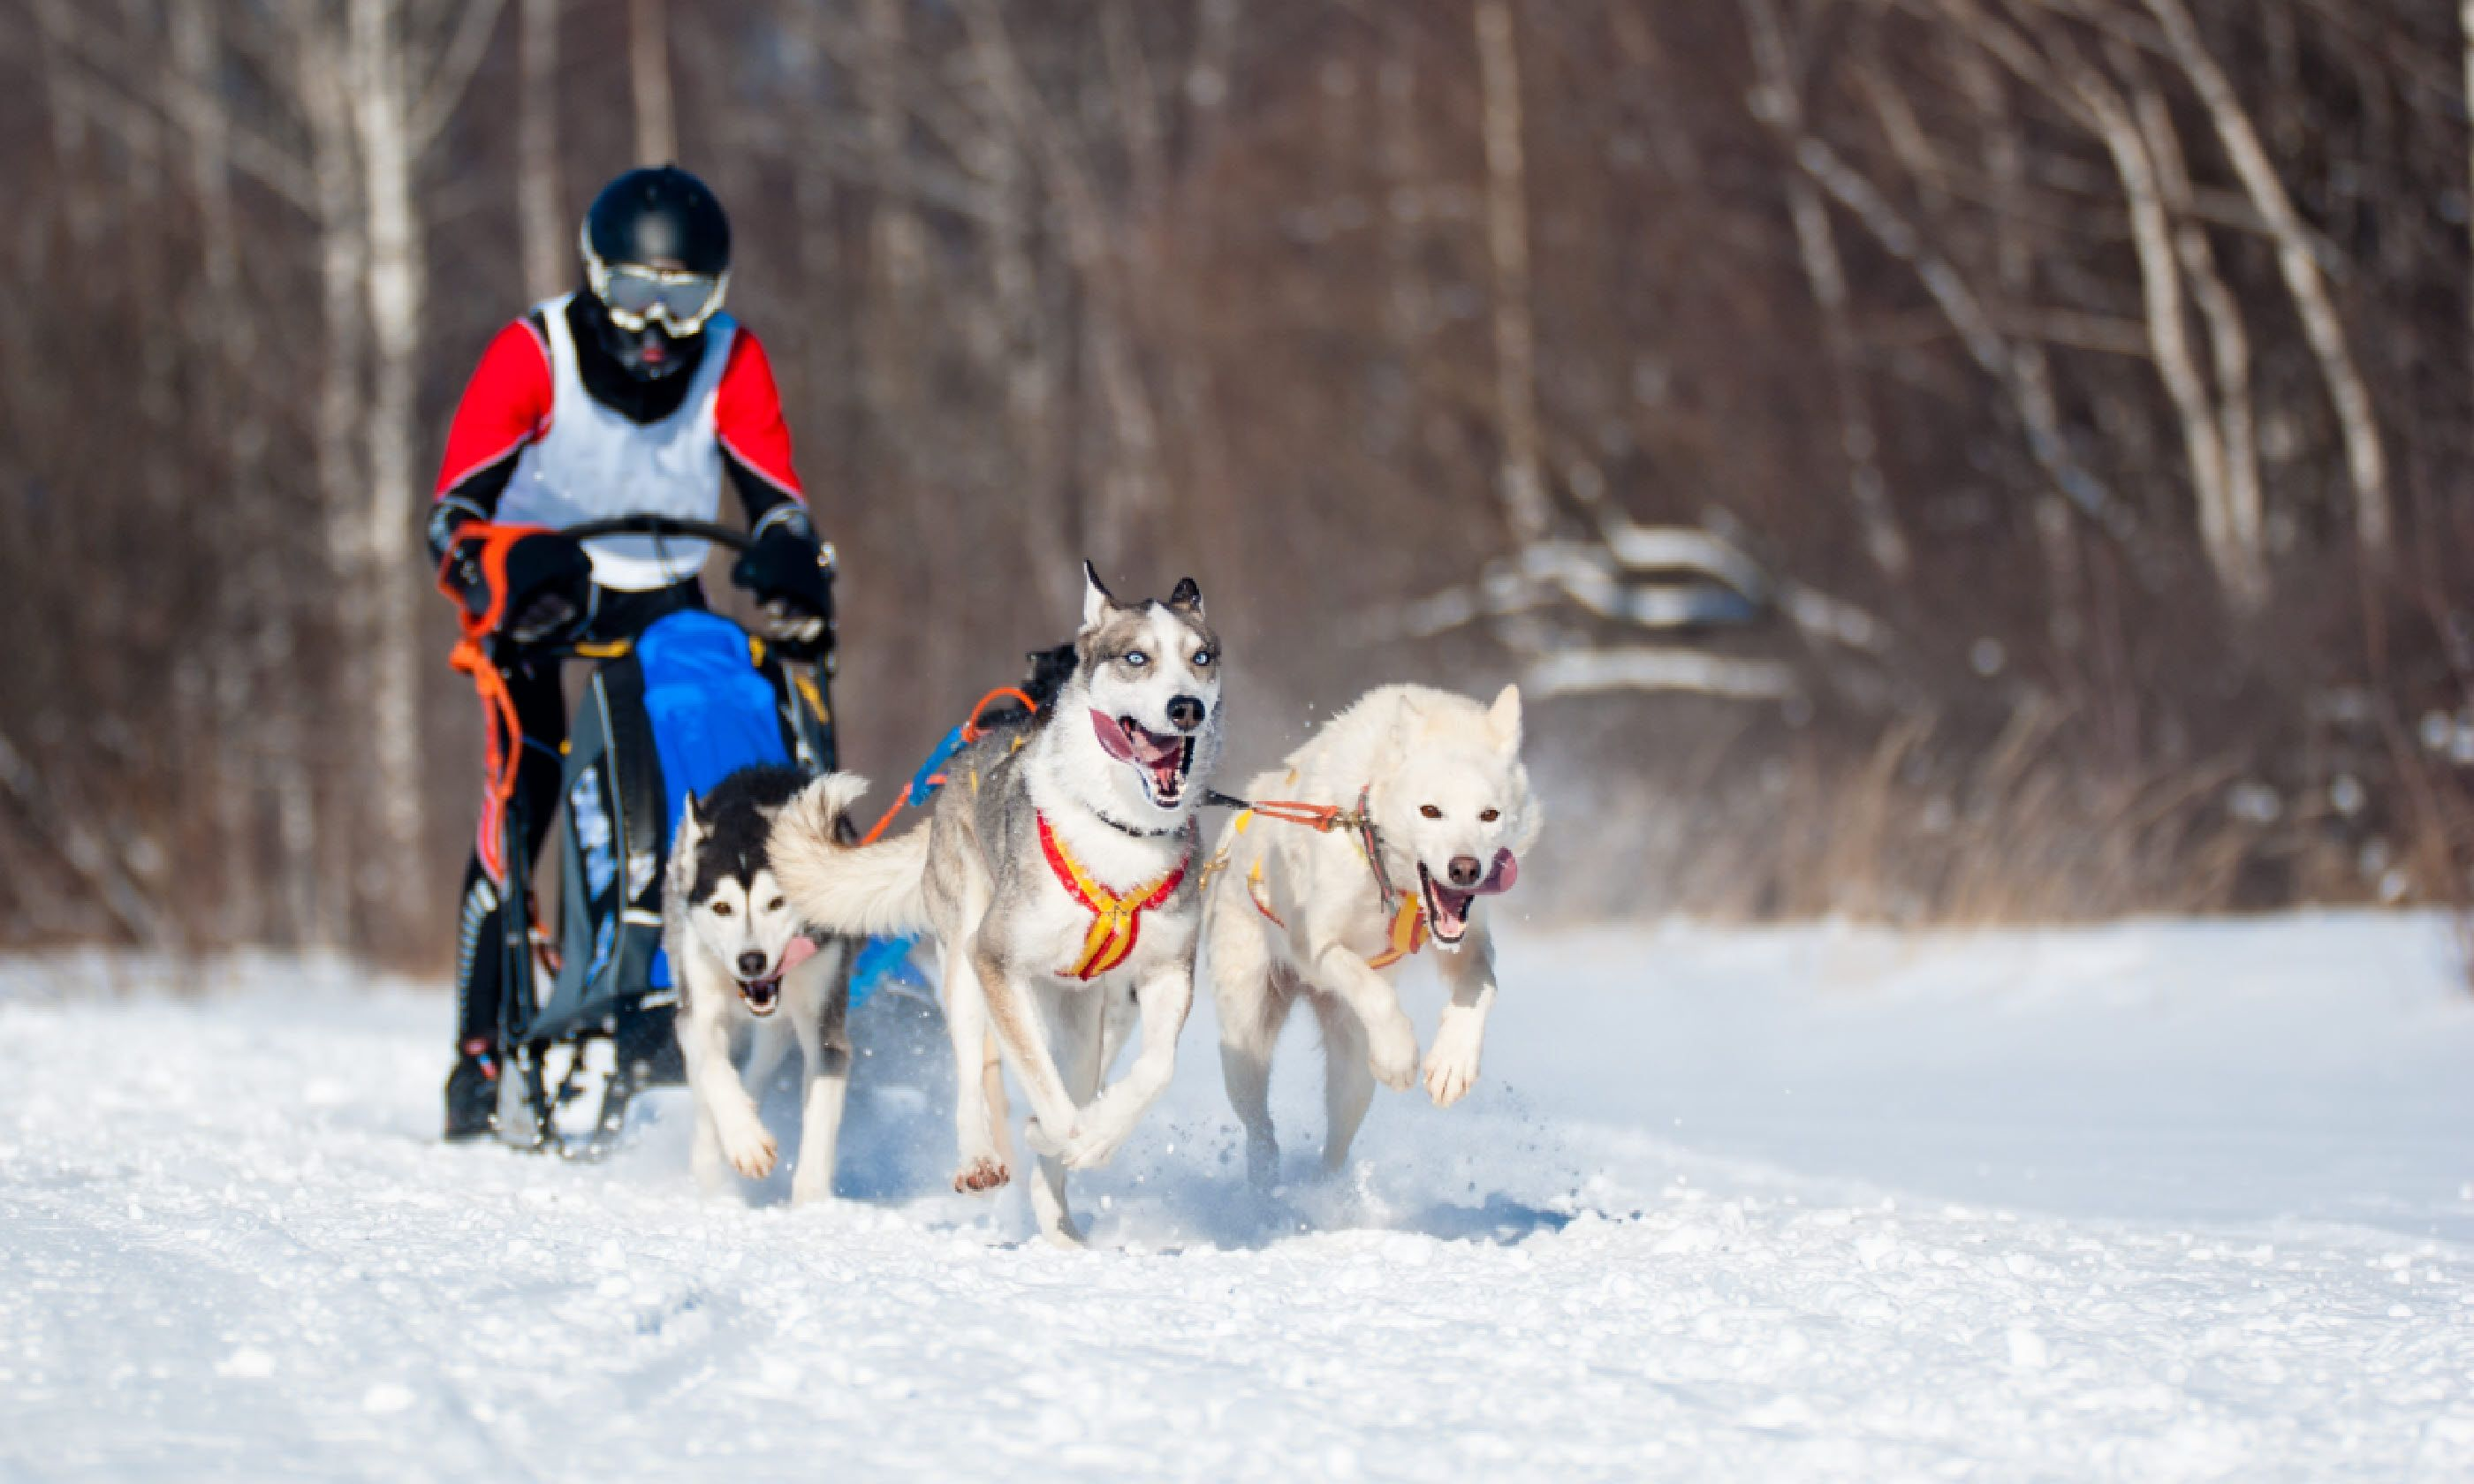 Husky sledding, Yukon (Shutterstock)